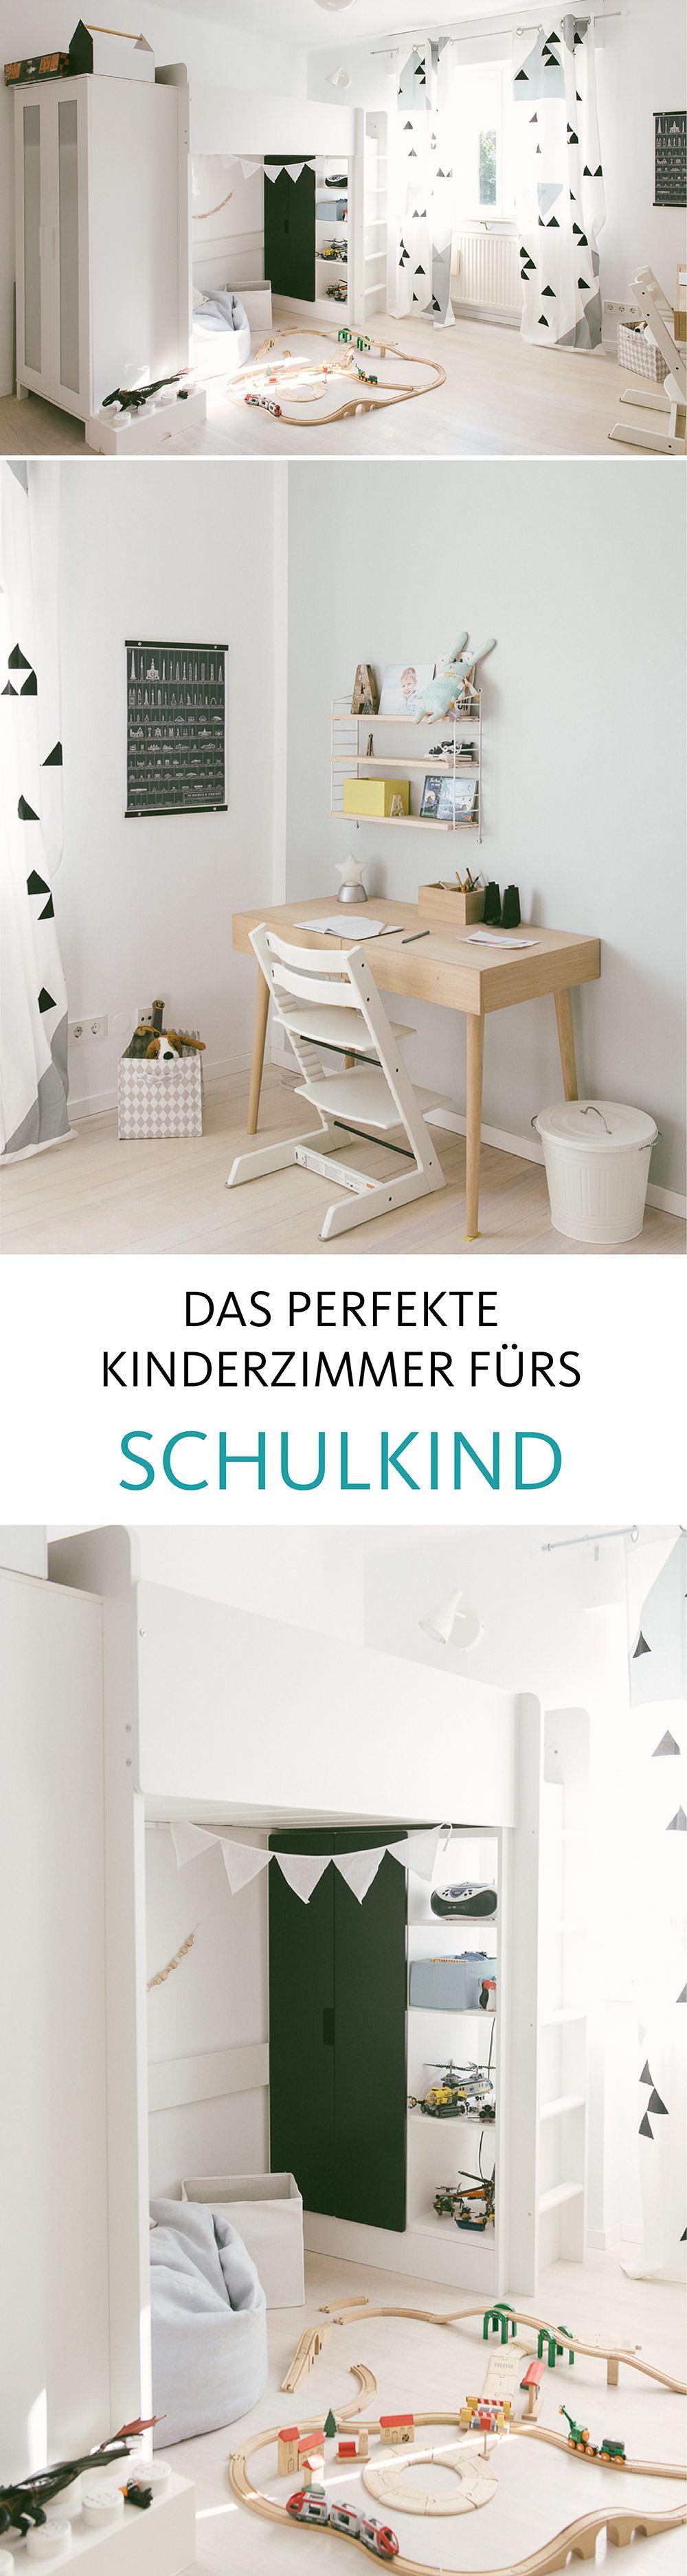 Kinderzimmer • Bilder & Ideen   Schulkinder, Kinderzimmer und Neuer